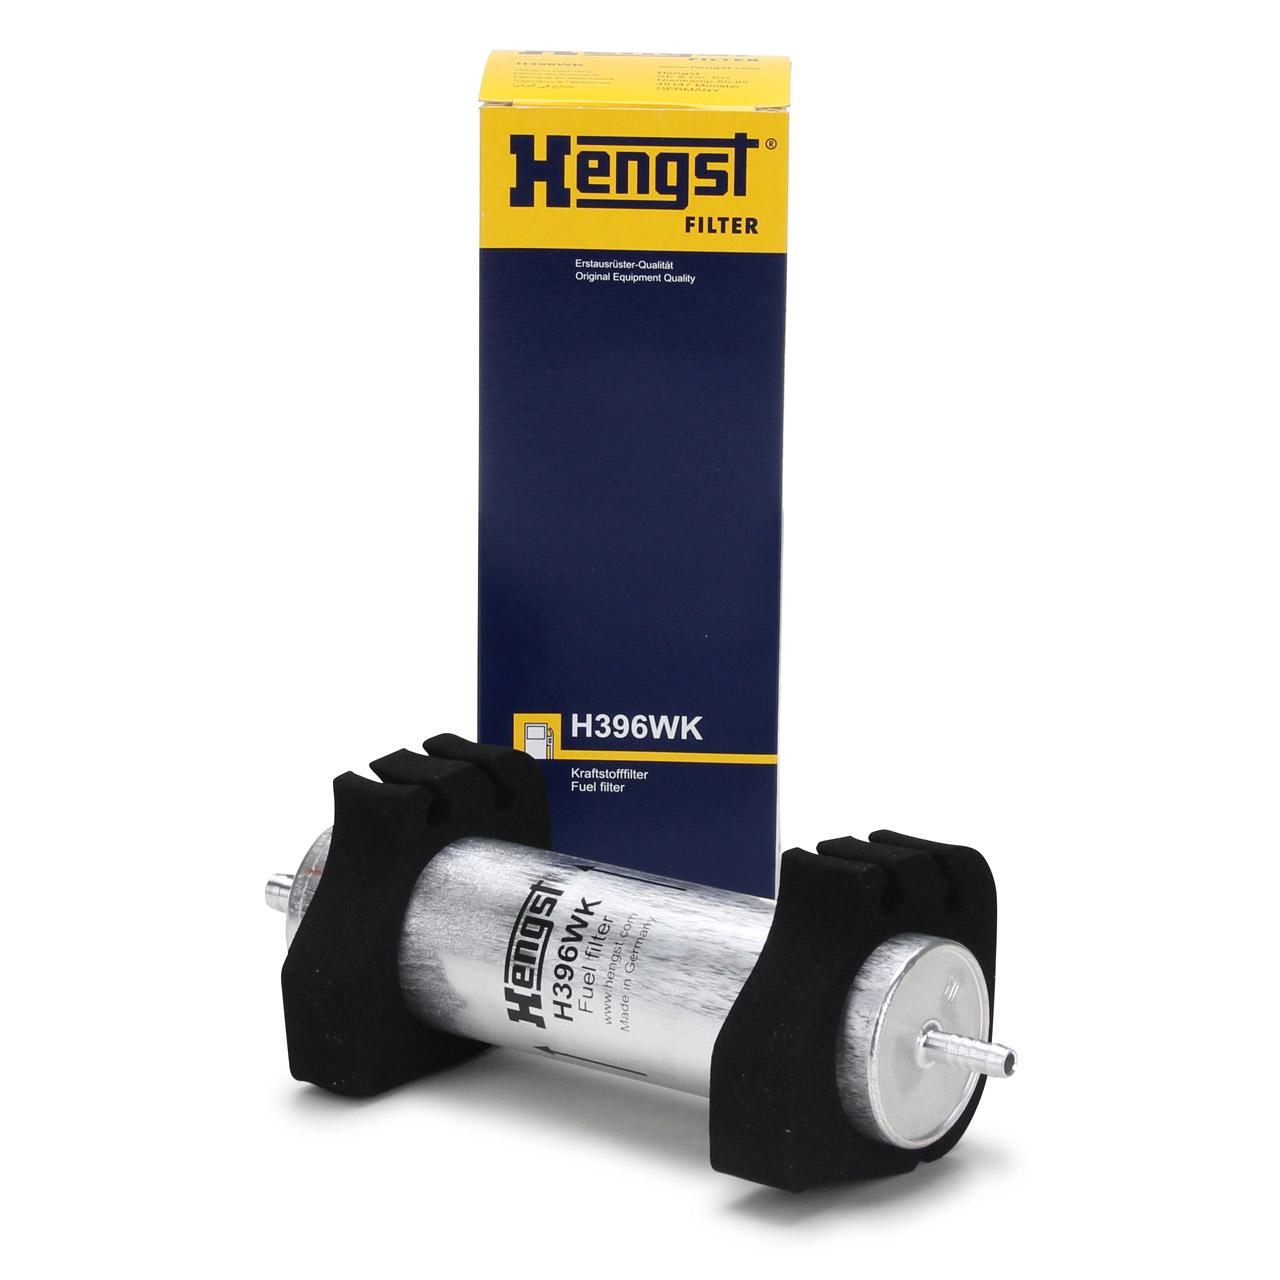 HENGST H396WK Kraftstofffilter für AUDI Q5 SQ5 TDI PORSCHE MACAN 3.0 S Diesel